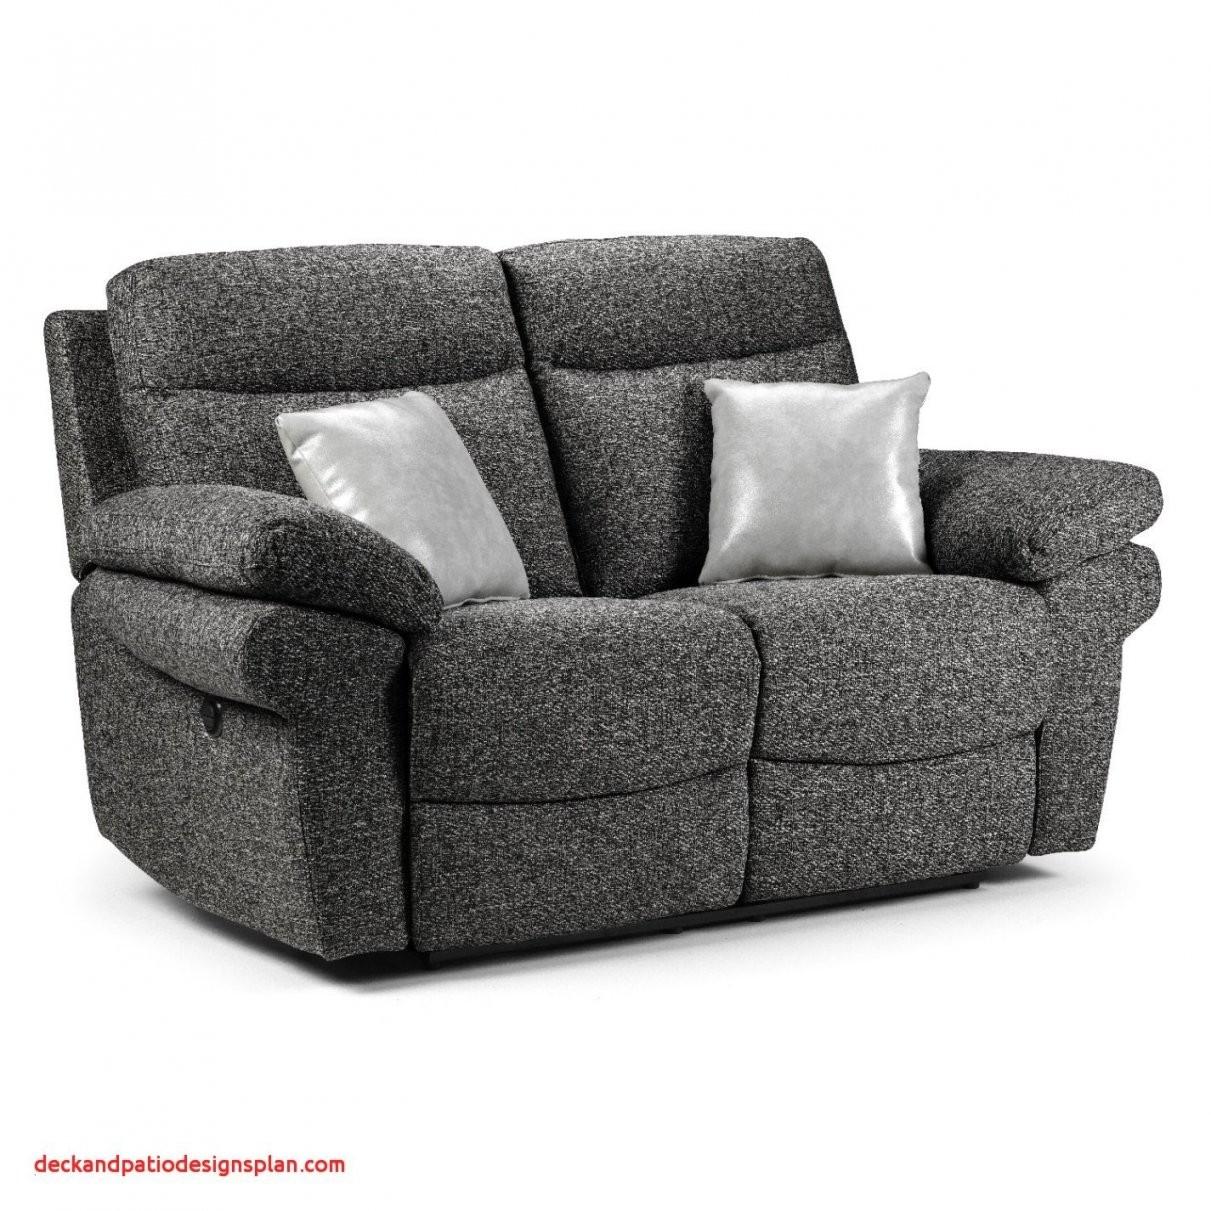 Couch Im Landhausstil Inspirierend Sessel Landhaus Couch Sessel von Sofa Landhausstil Schweiz Photo